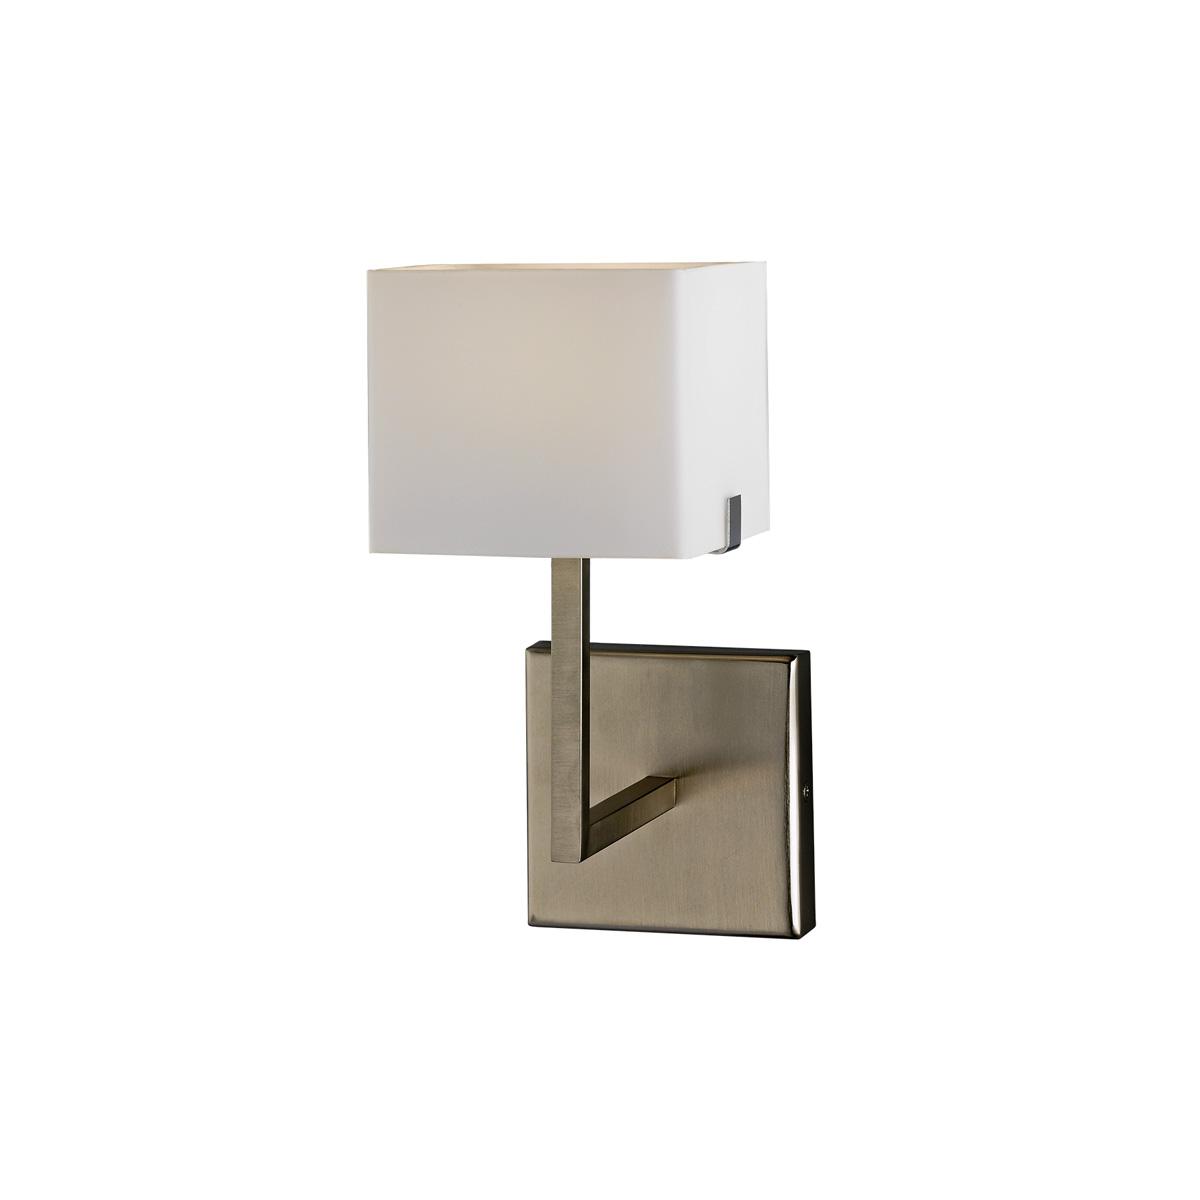 Μοντέρνα απλίκα Μουράνο ΚΥΒΟΙ modern Murano wall lamp